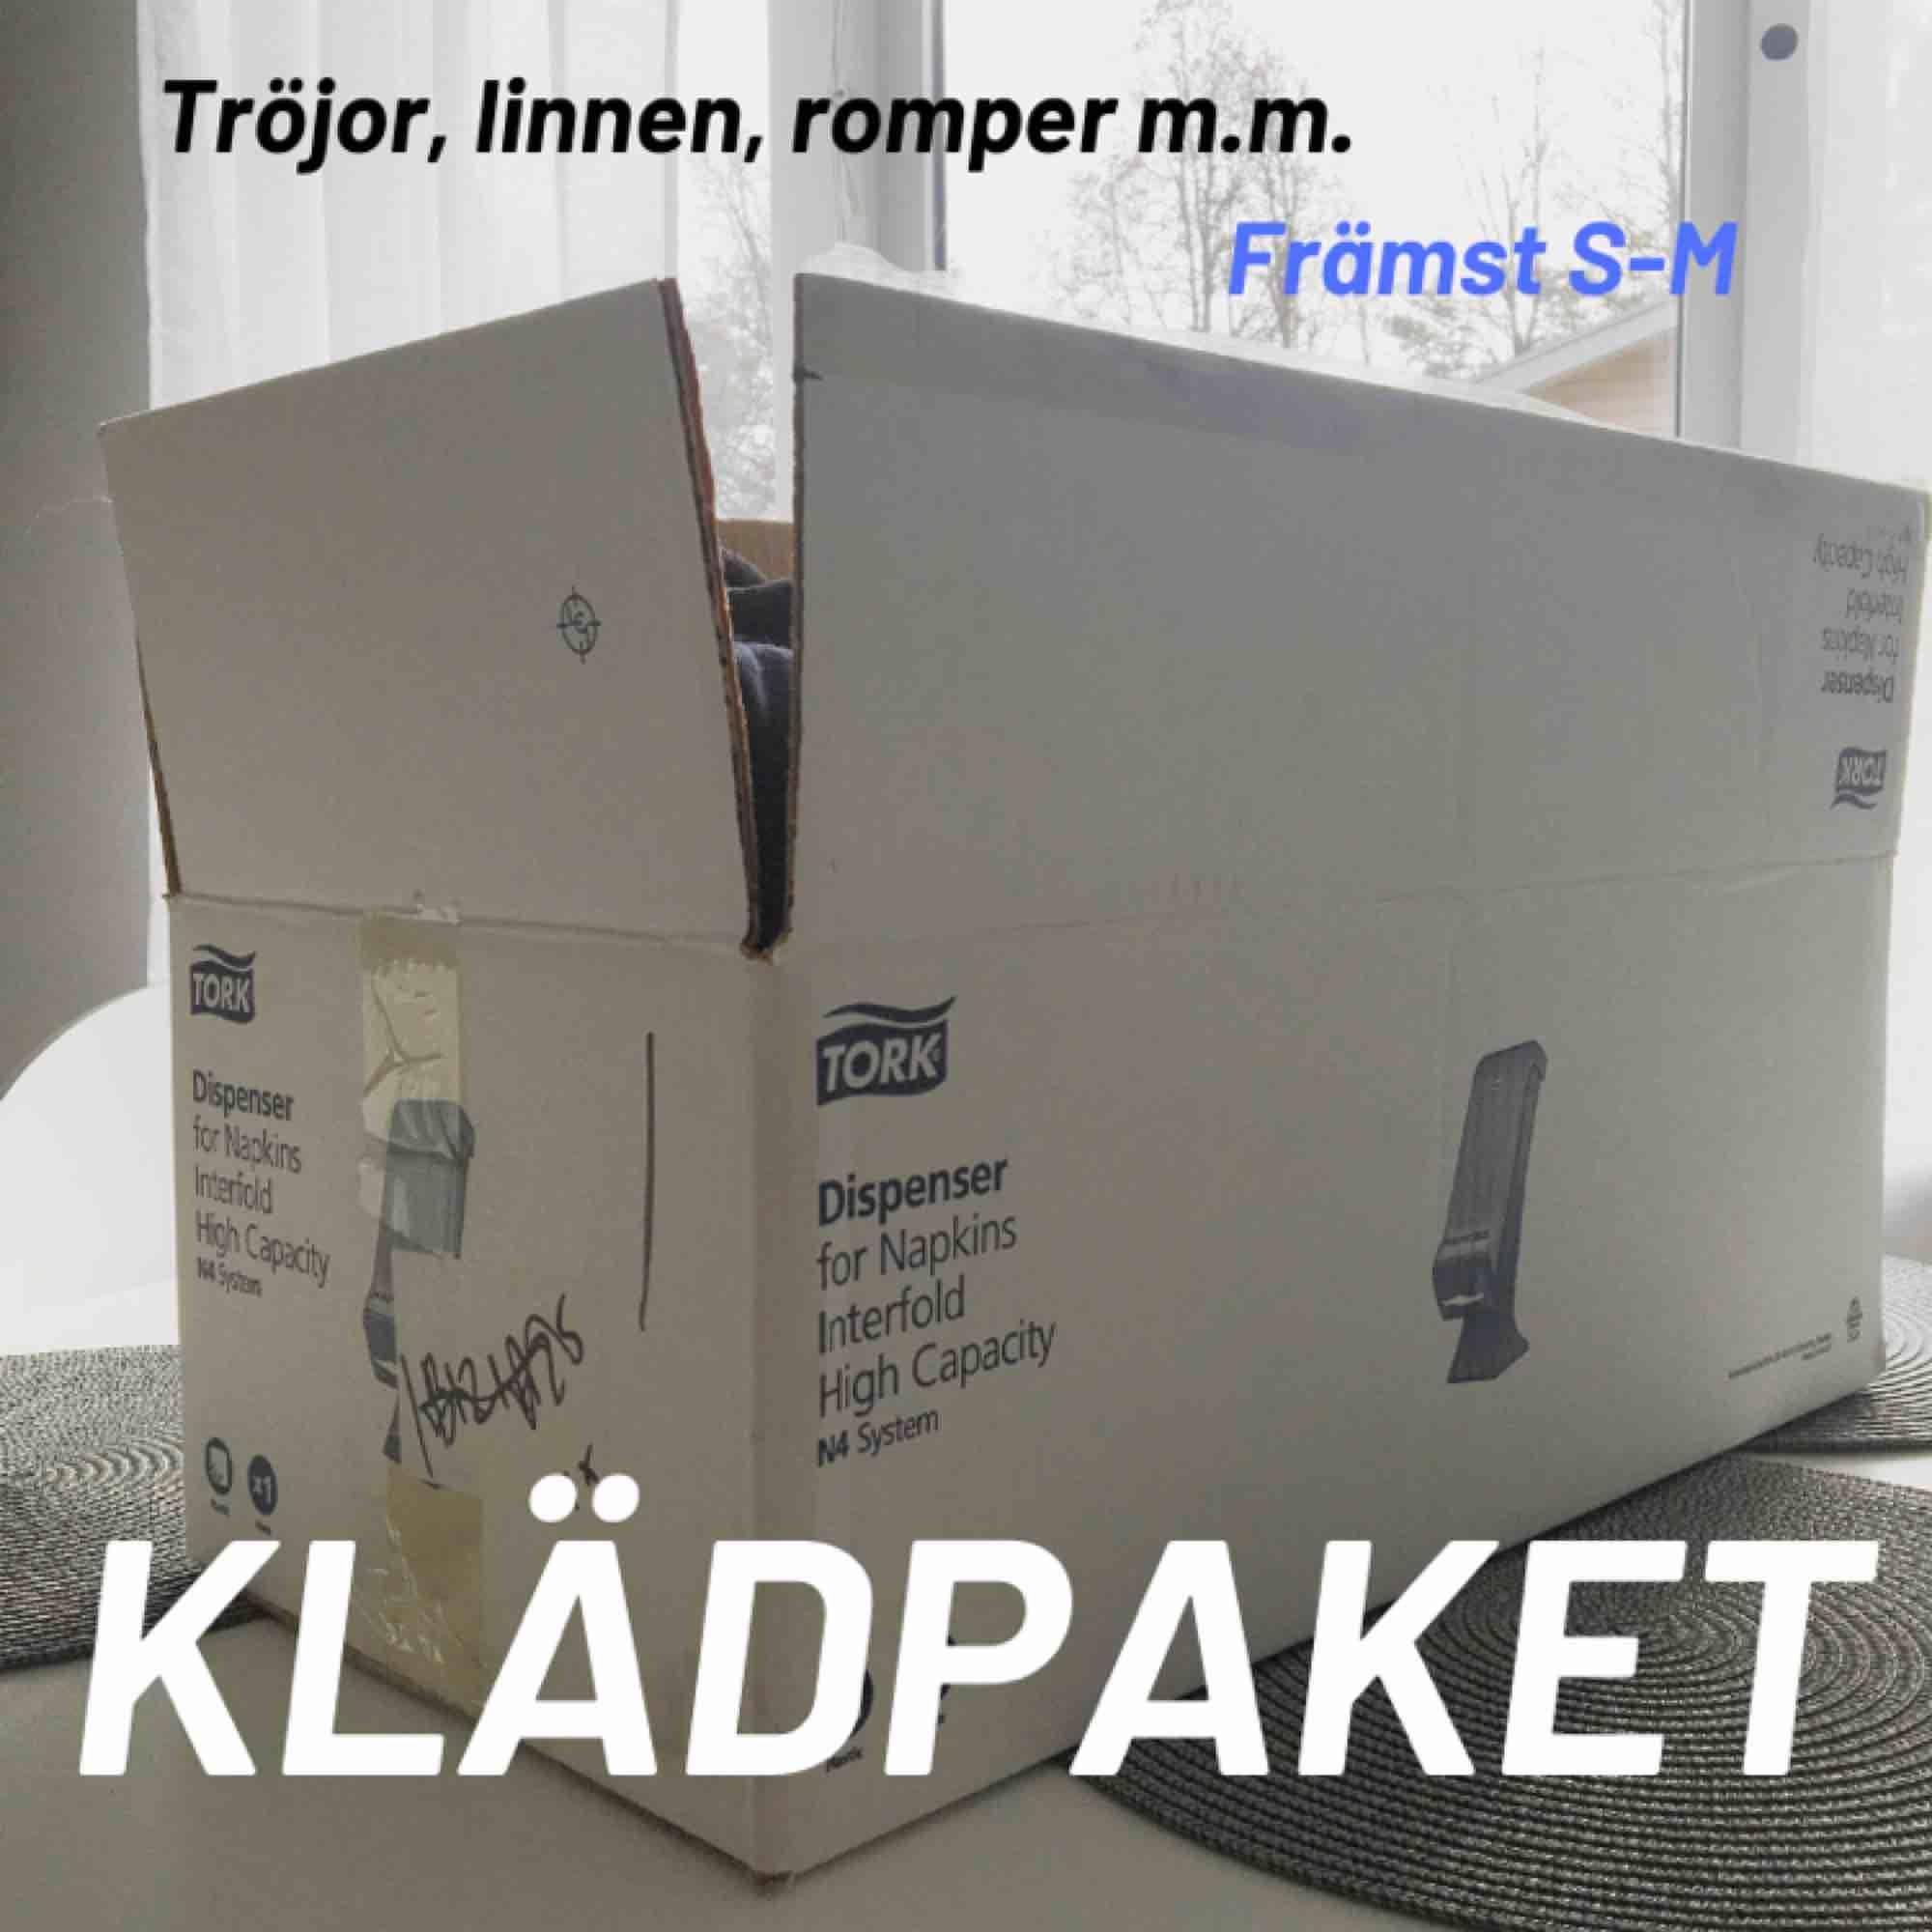 🌺Säljer ett klädpaket med runt 20 plagg. Toppar, tröjor, linnen, shorts m.m.   🌺150kr + eventuell frakt! Vill bli av med det så fort som möjligt  🌺Finns i Borås/Göteborg. Kan skickas men då står köparen för frakten  . Toppar.